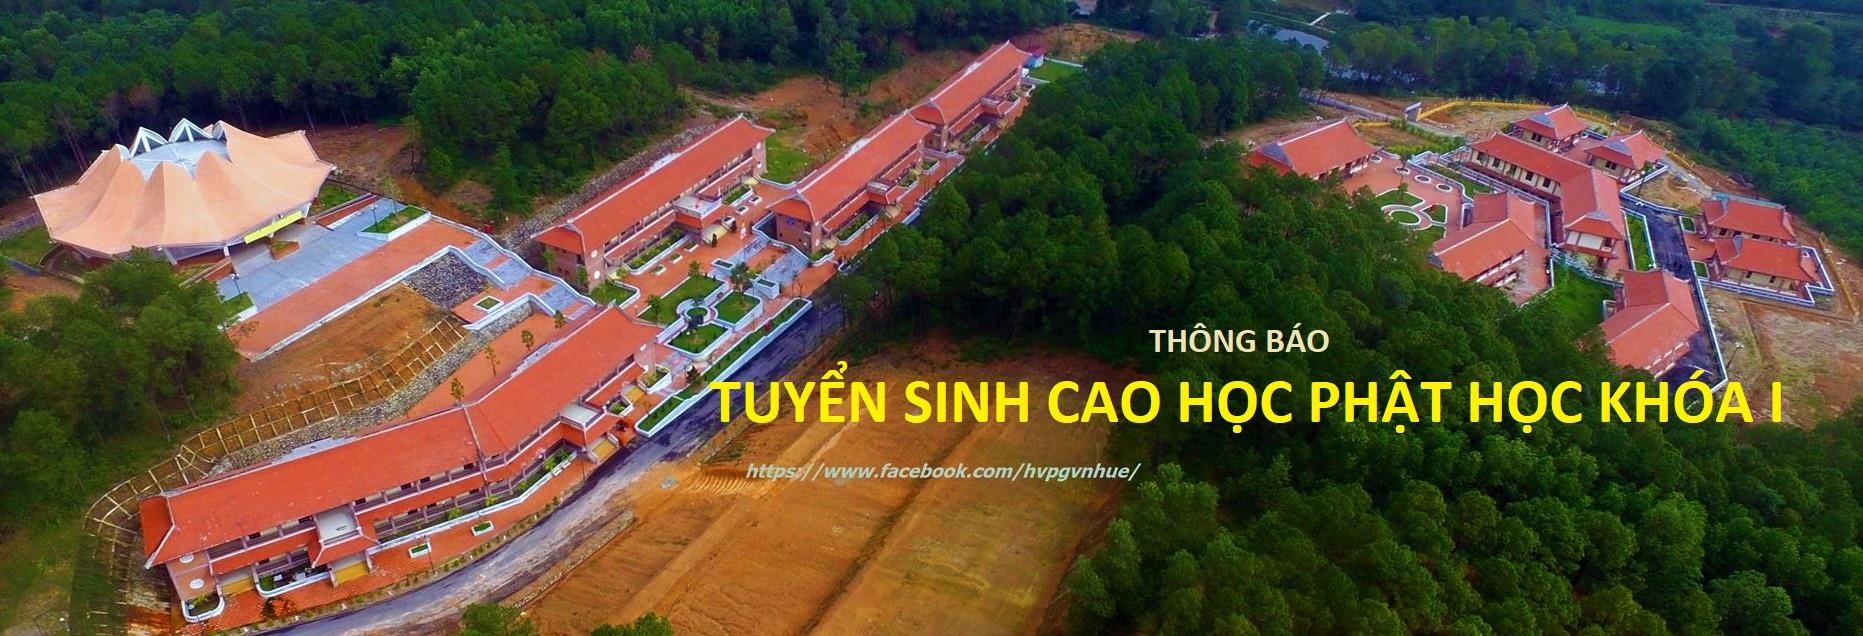 Thông báo tuyển sinh Cao học Phật học khóa I (đợt 2)